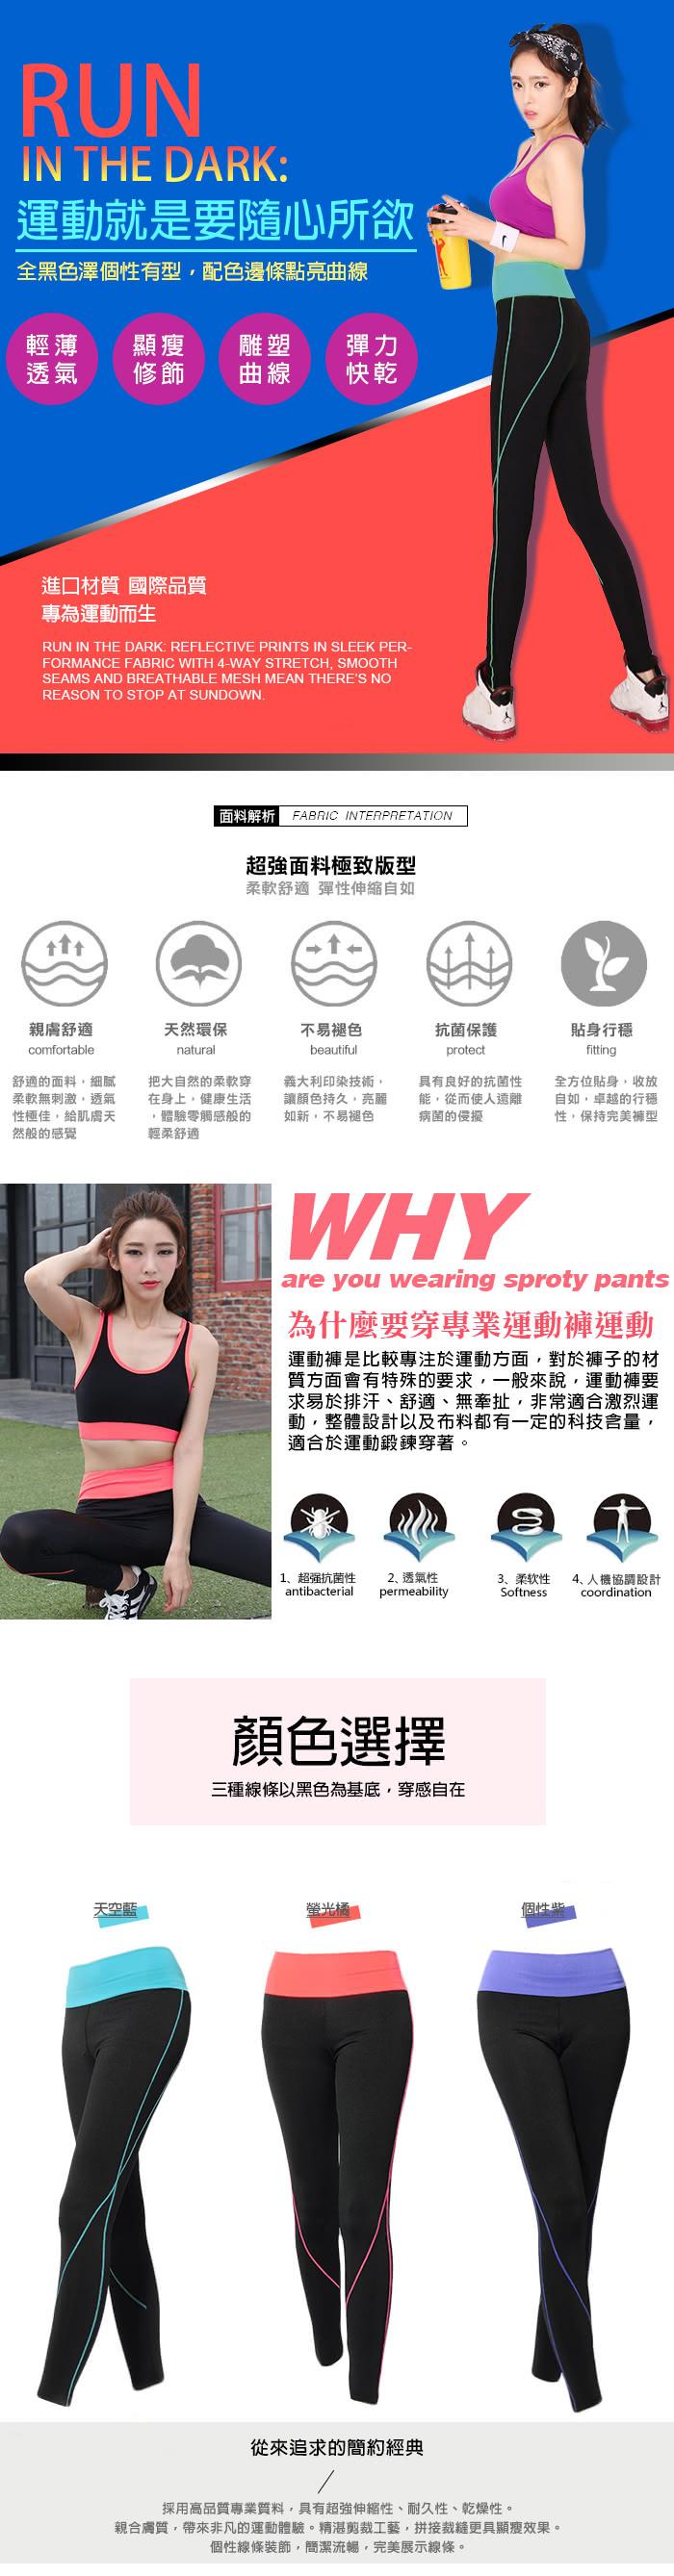 【LOTUS】彈力曲線美腿瑜珈運動九分褲(超值兩件組)